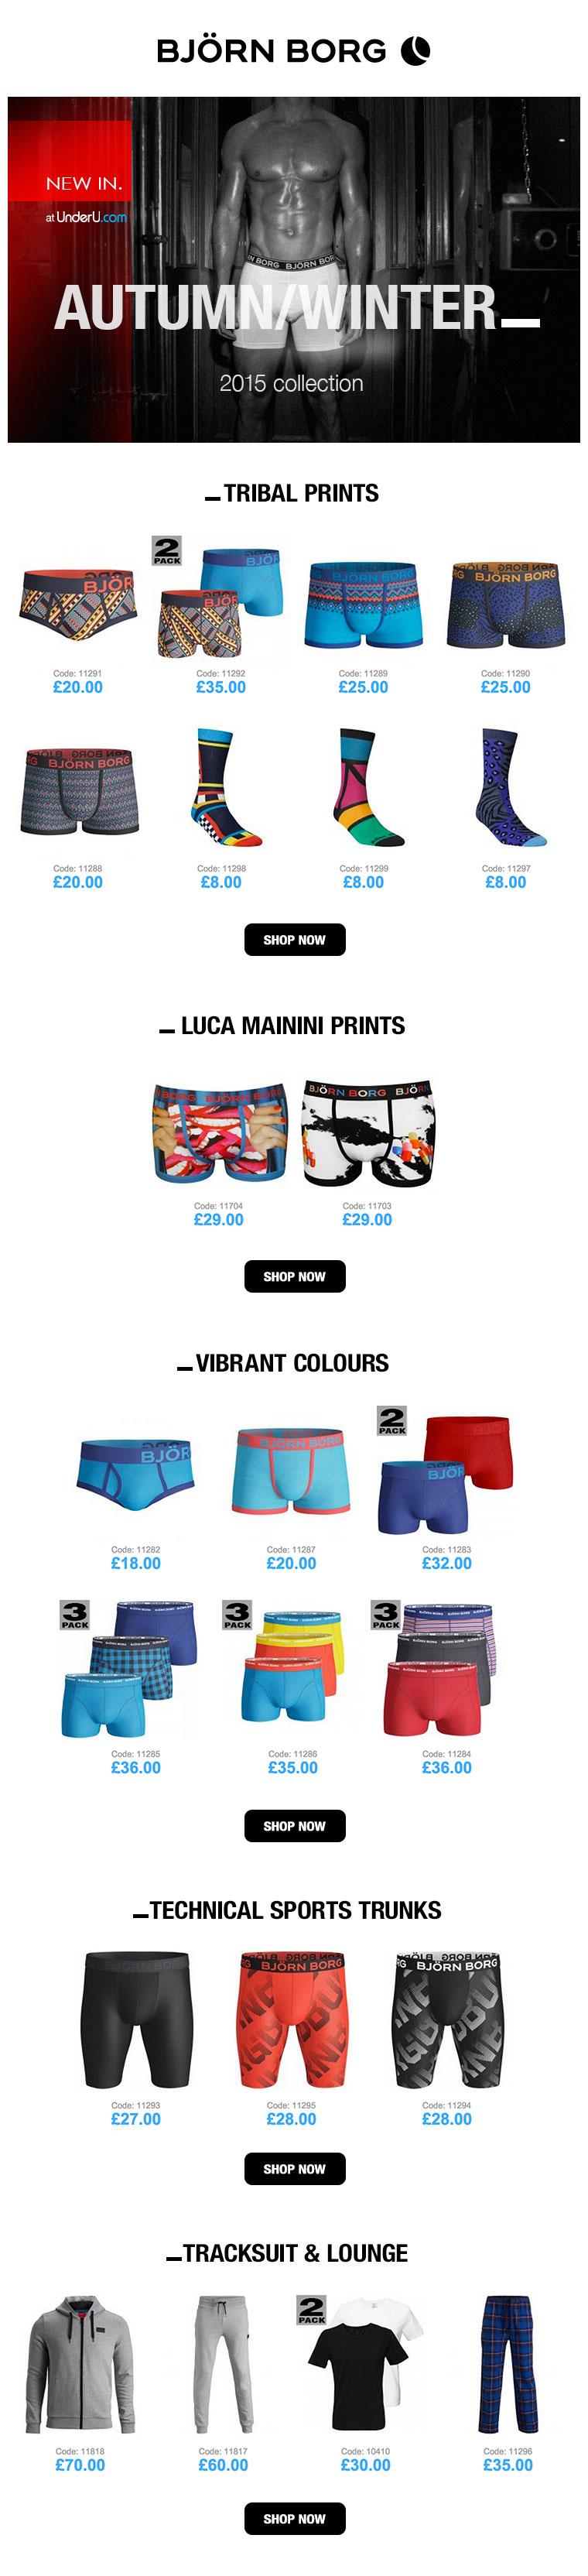 Bjorn Borg underwear & Bjorn Borg Boxers Collection for A/W 15 | UnderU